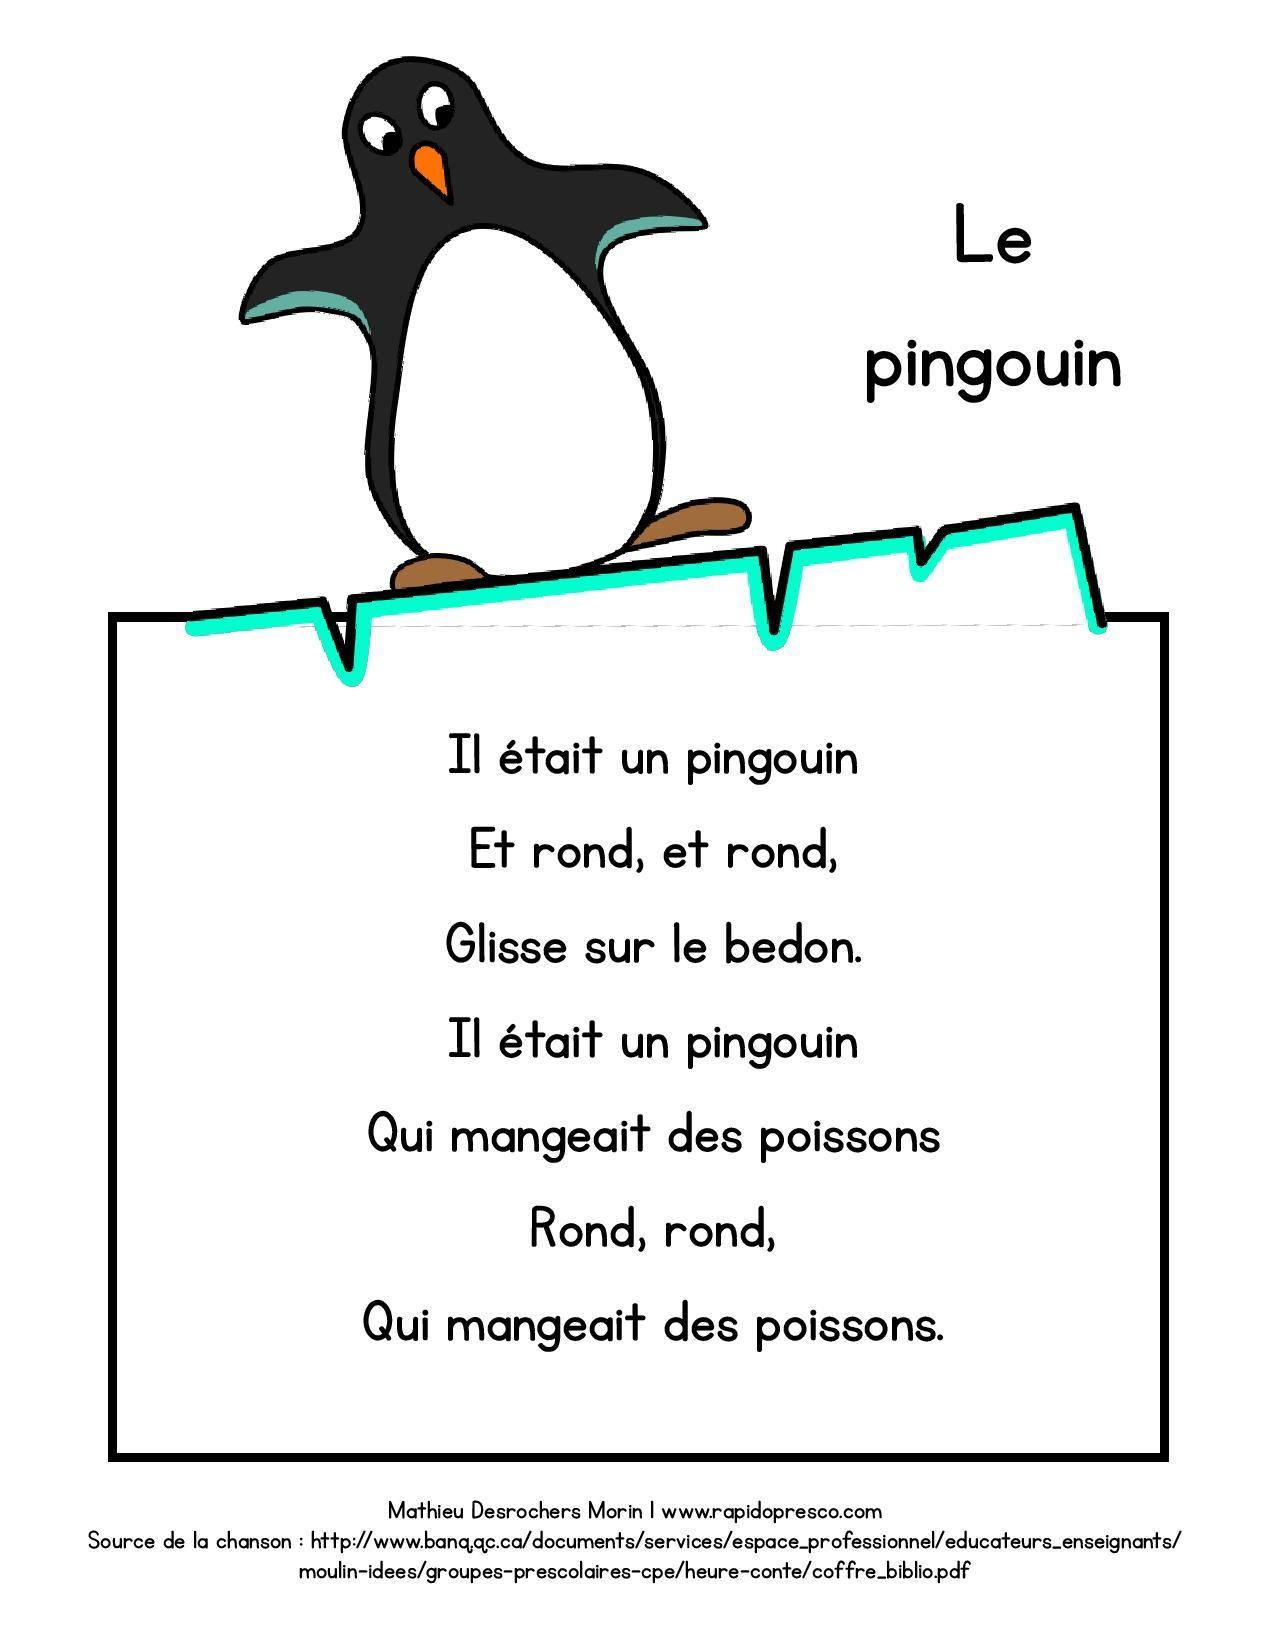 paroles de la chanson le pingouin hiver froid pinterest le pingouin la chanson et. Black Bedroom Furniture Sets. Home Design Ideas